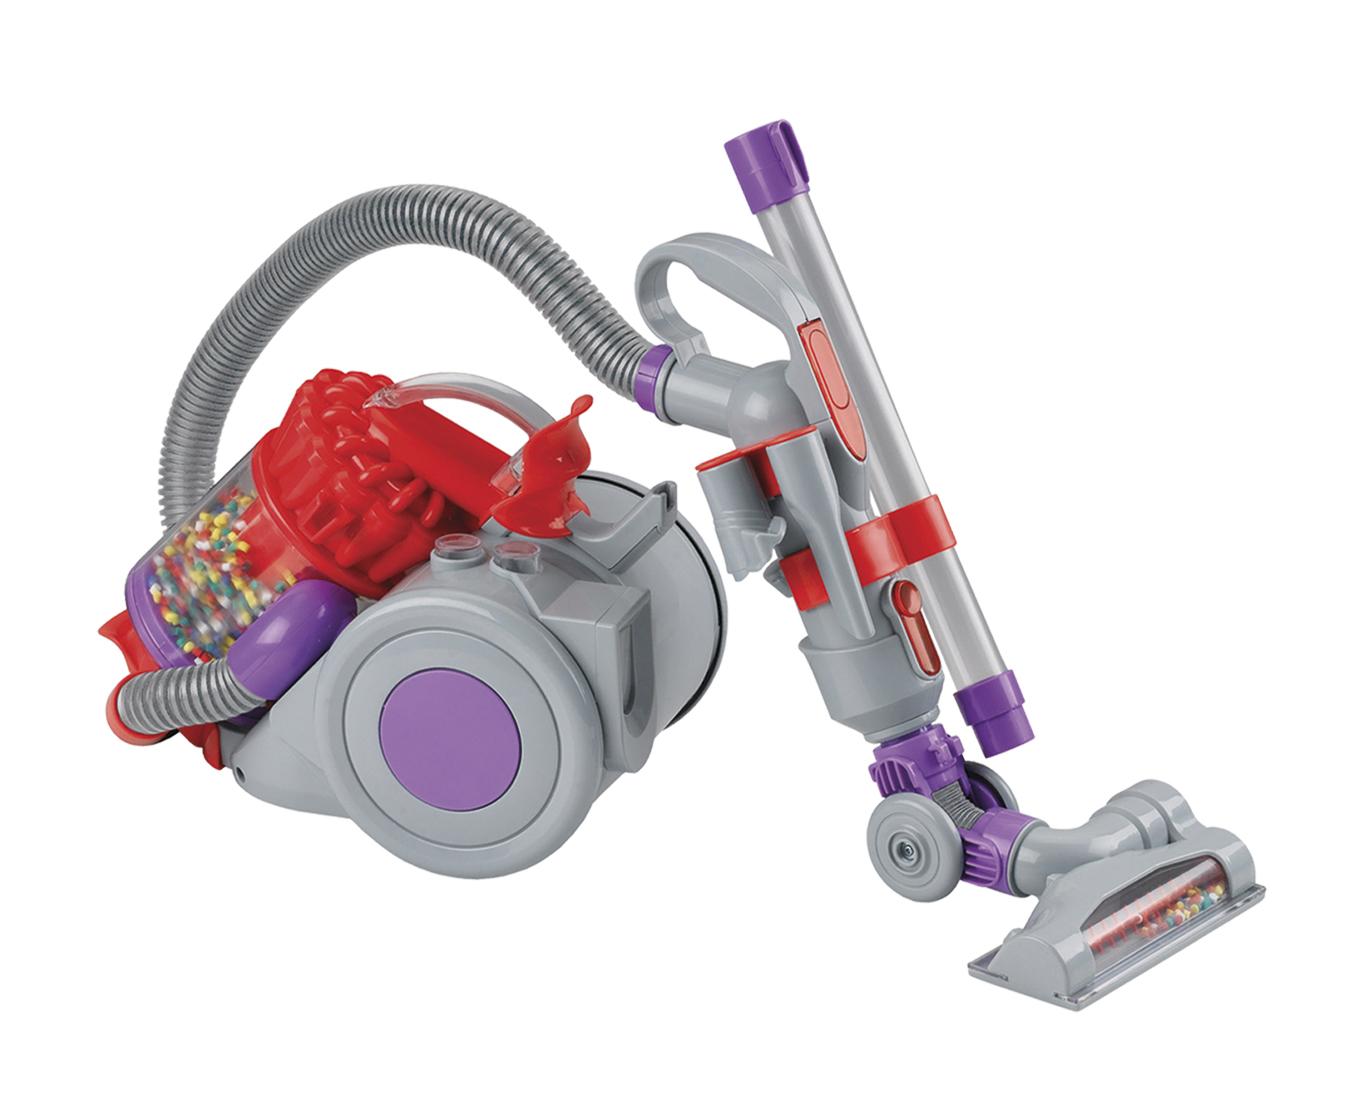 本物そっくりなダイソンの掃除機に子供たちも大興奮間違いなし ダイソンDC22 Seasonal Wrap入荷 トイクリーナー 624 テレビで話題 おもちゃ ごっこ遊び おままごと ままごと 女の子 男の子 DYSON プレゼント 室内 ギフト 玩具 ドリームブロッサム コードレス 掃除機